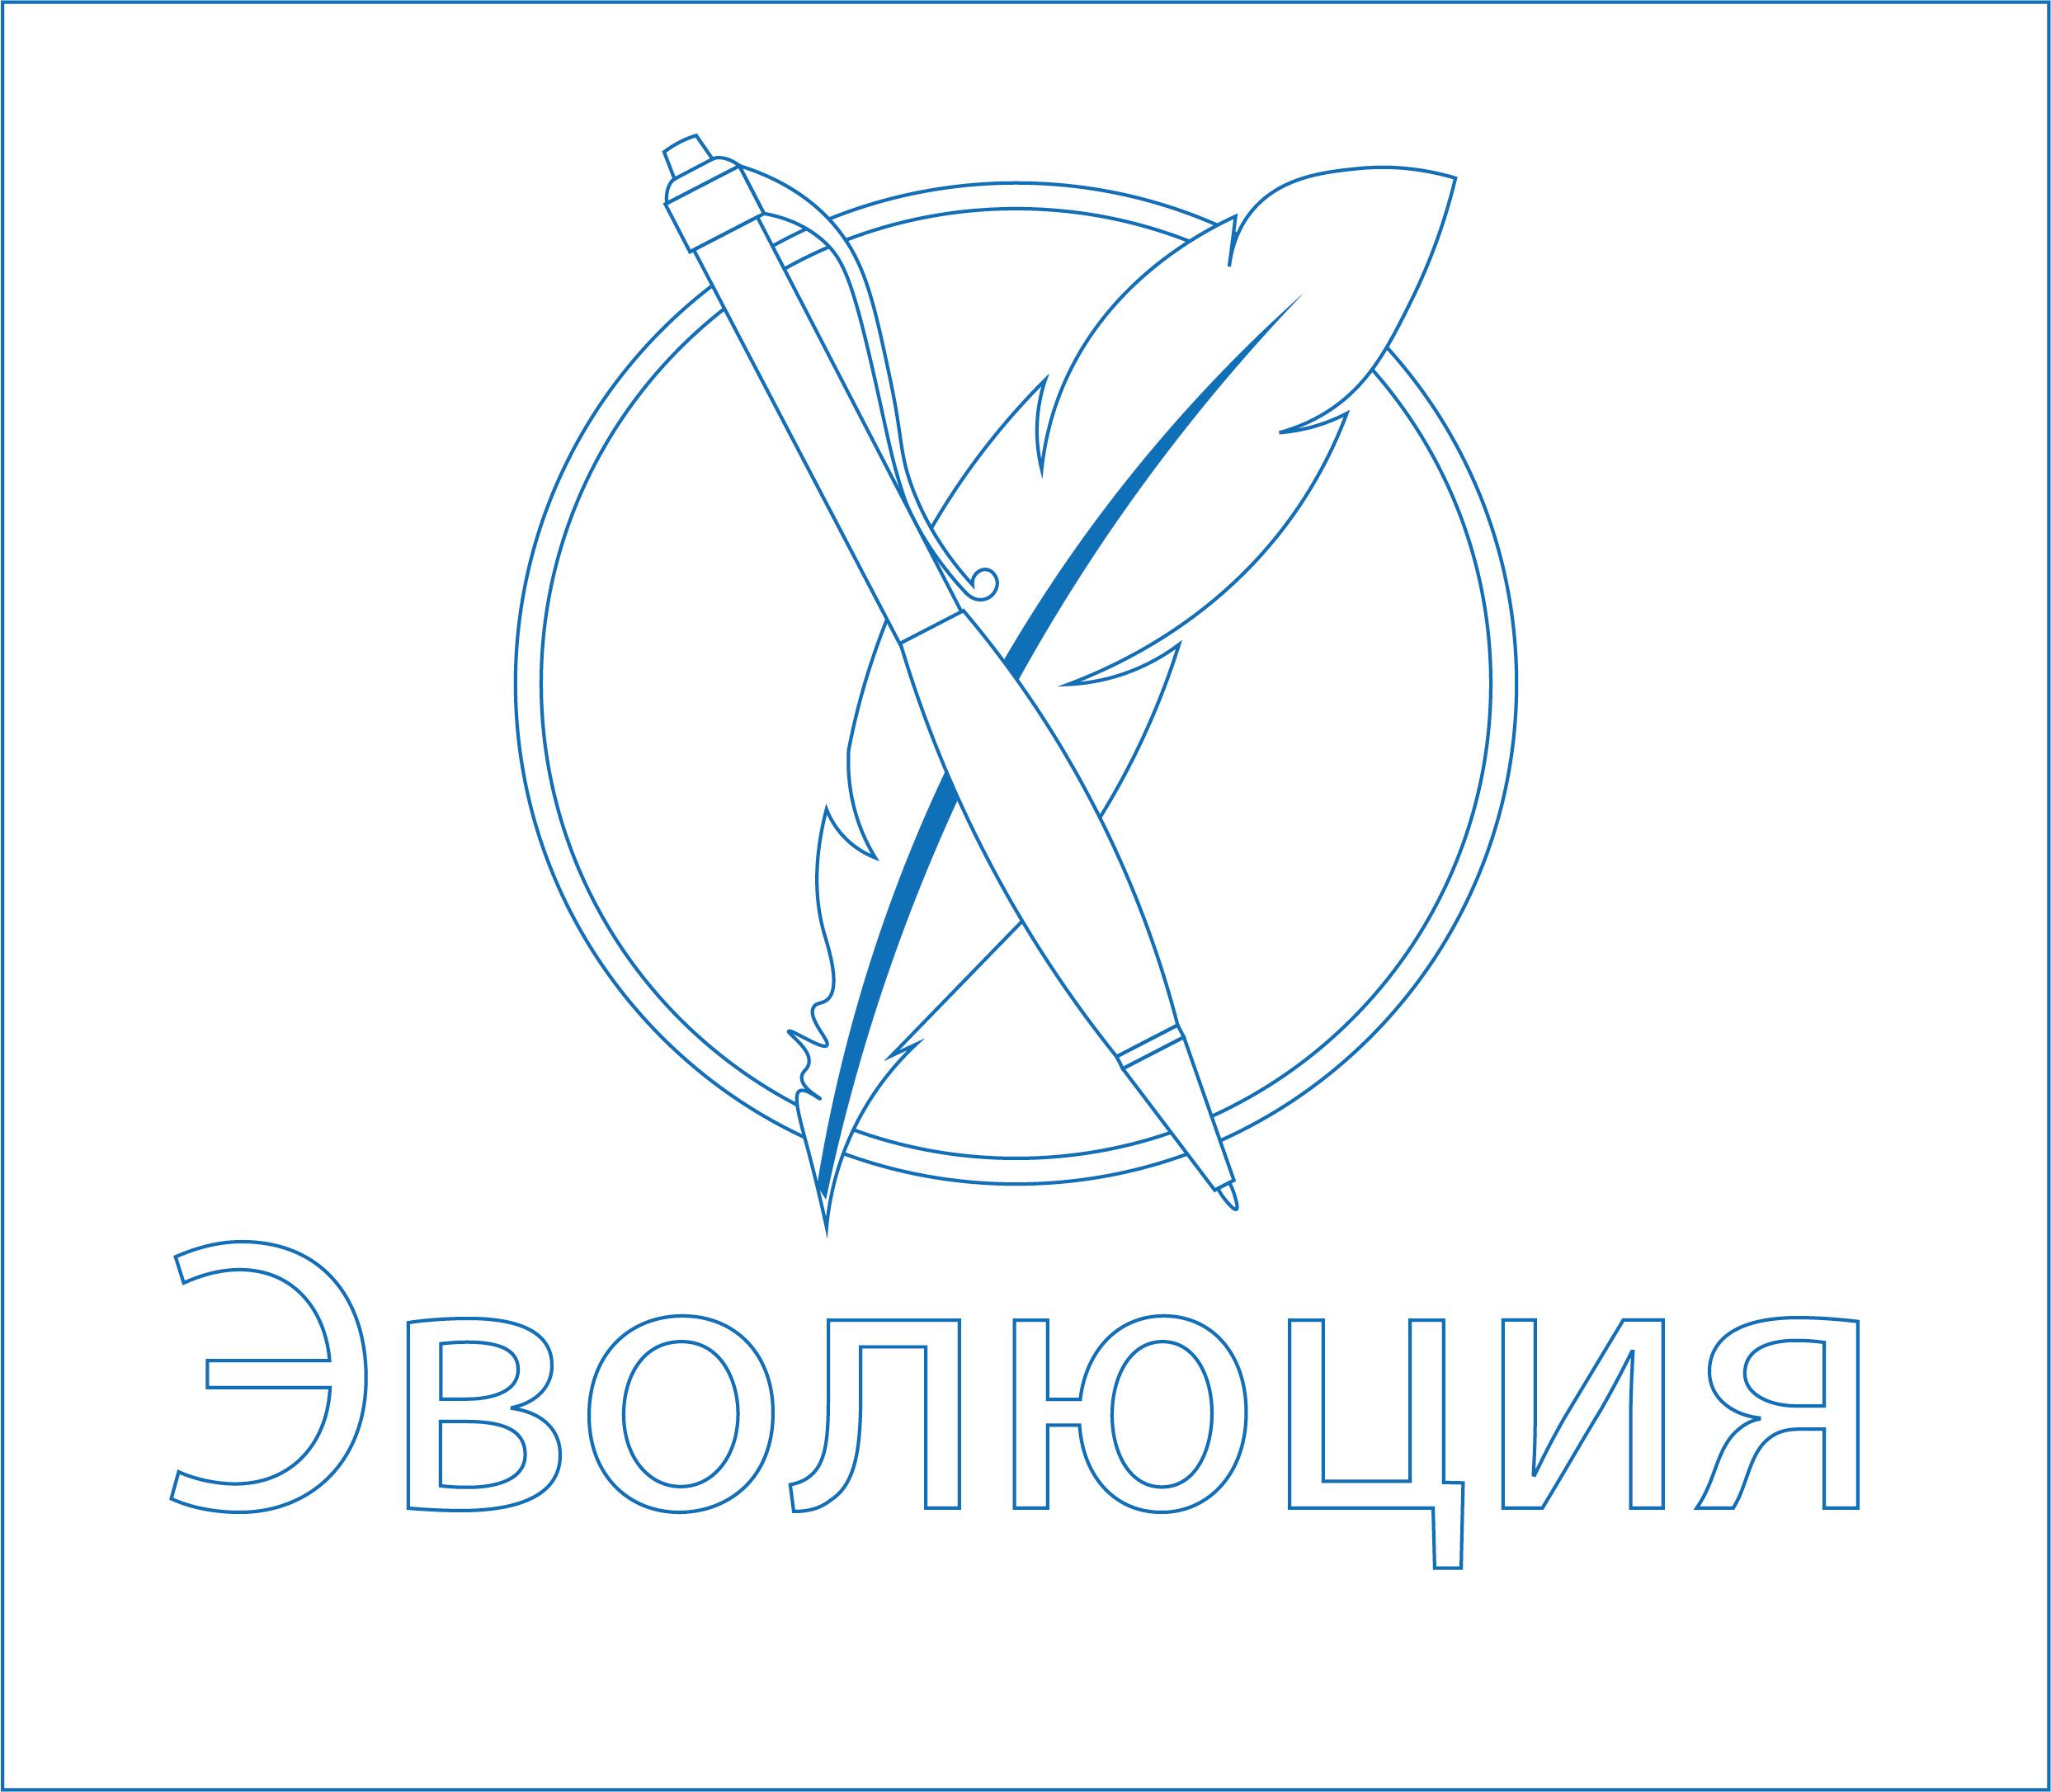 Разработать логотип для Онлайн-школы и сообщества фото f_1885bc88abfc70a5.jpg